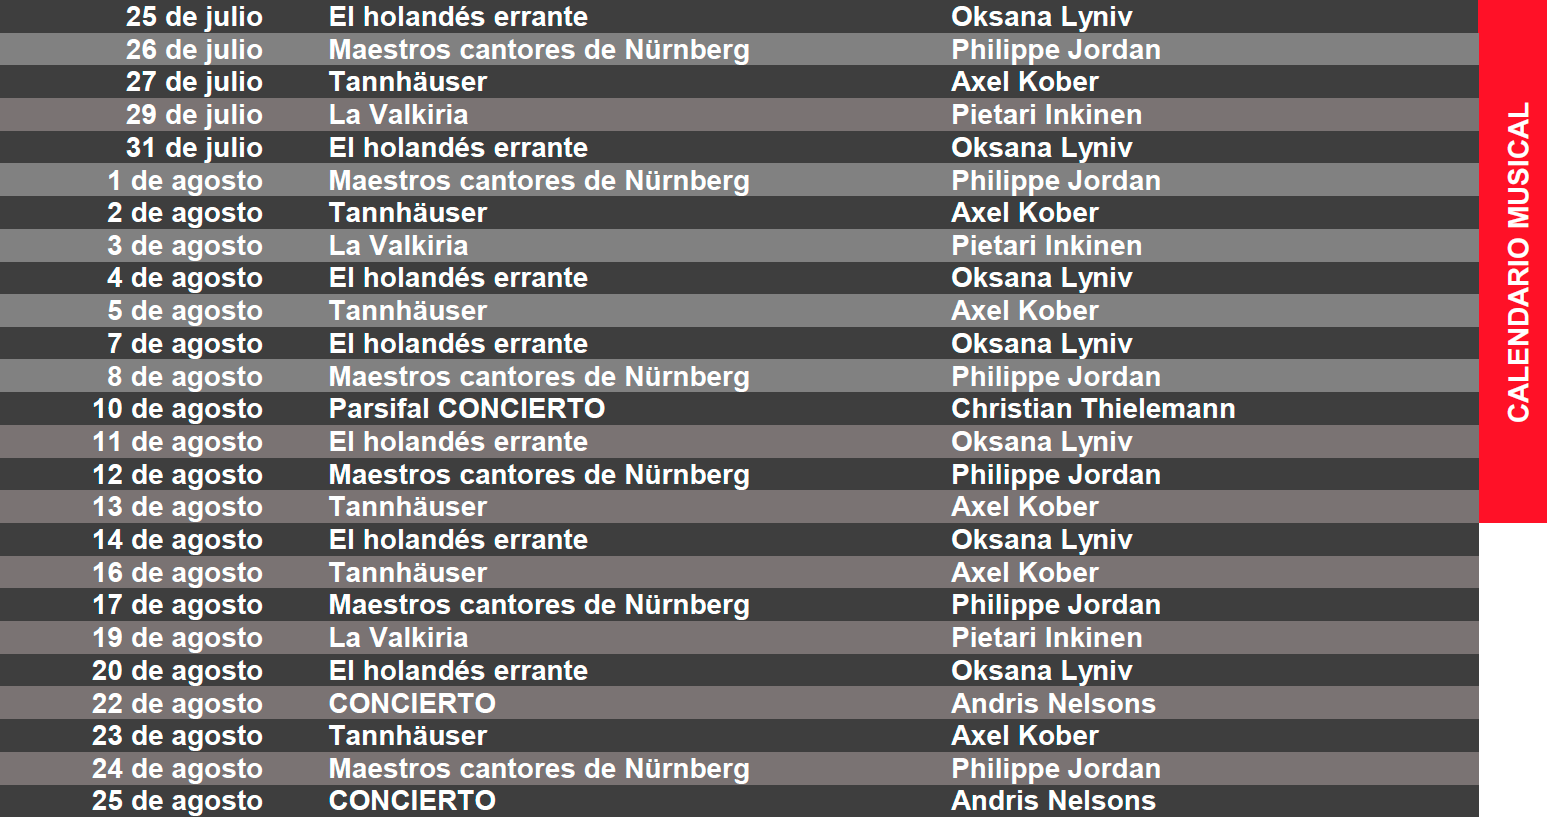 Calendario musical Bayreuth 2021